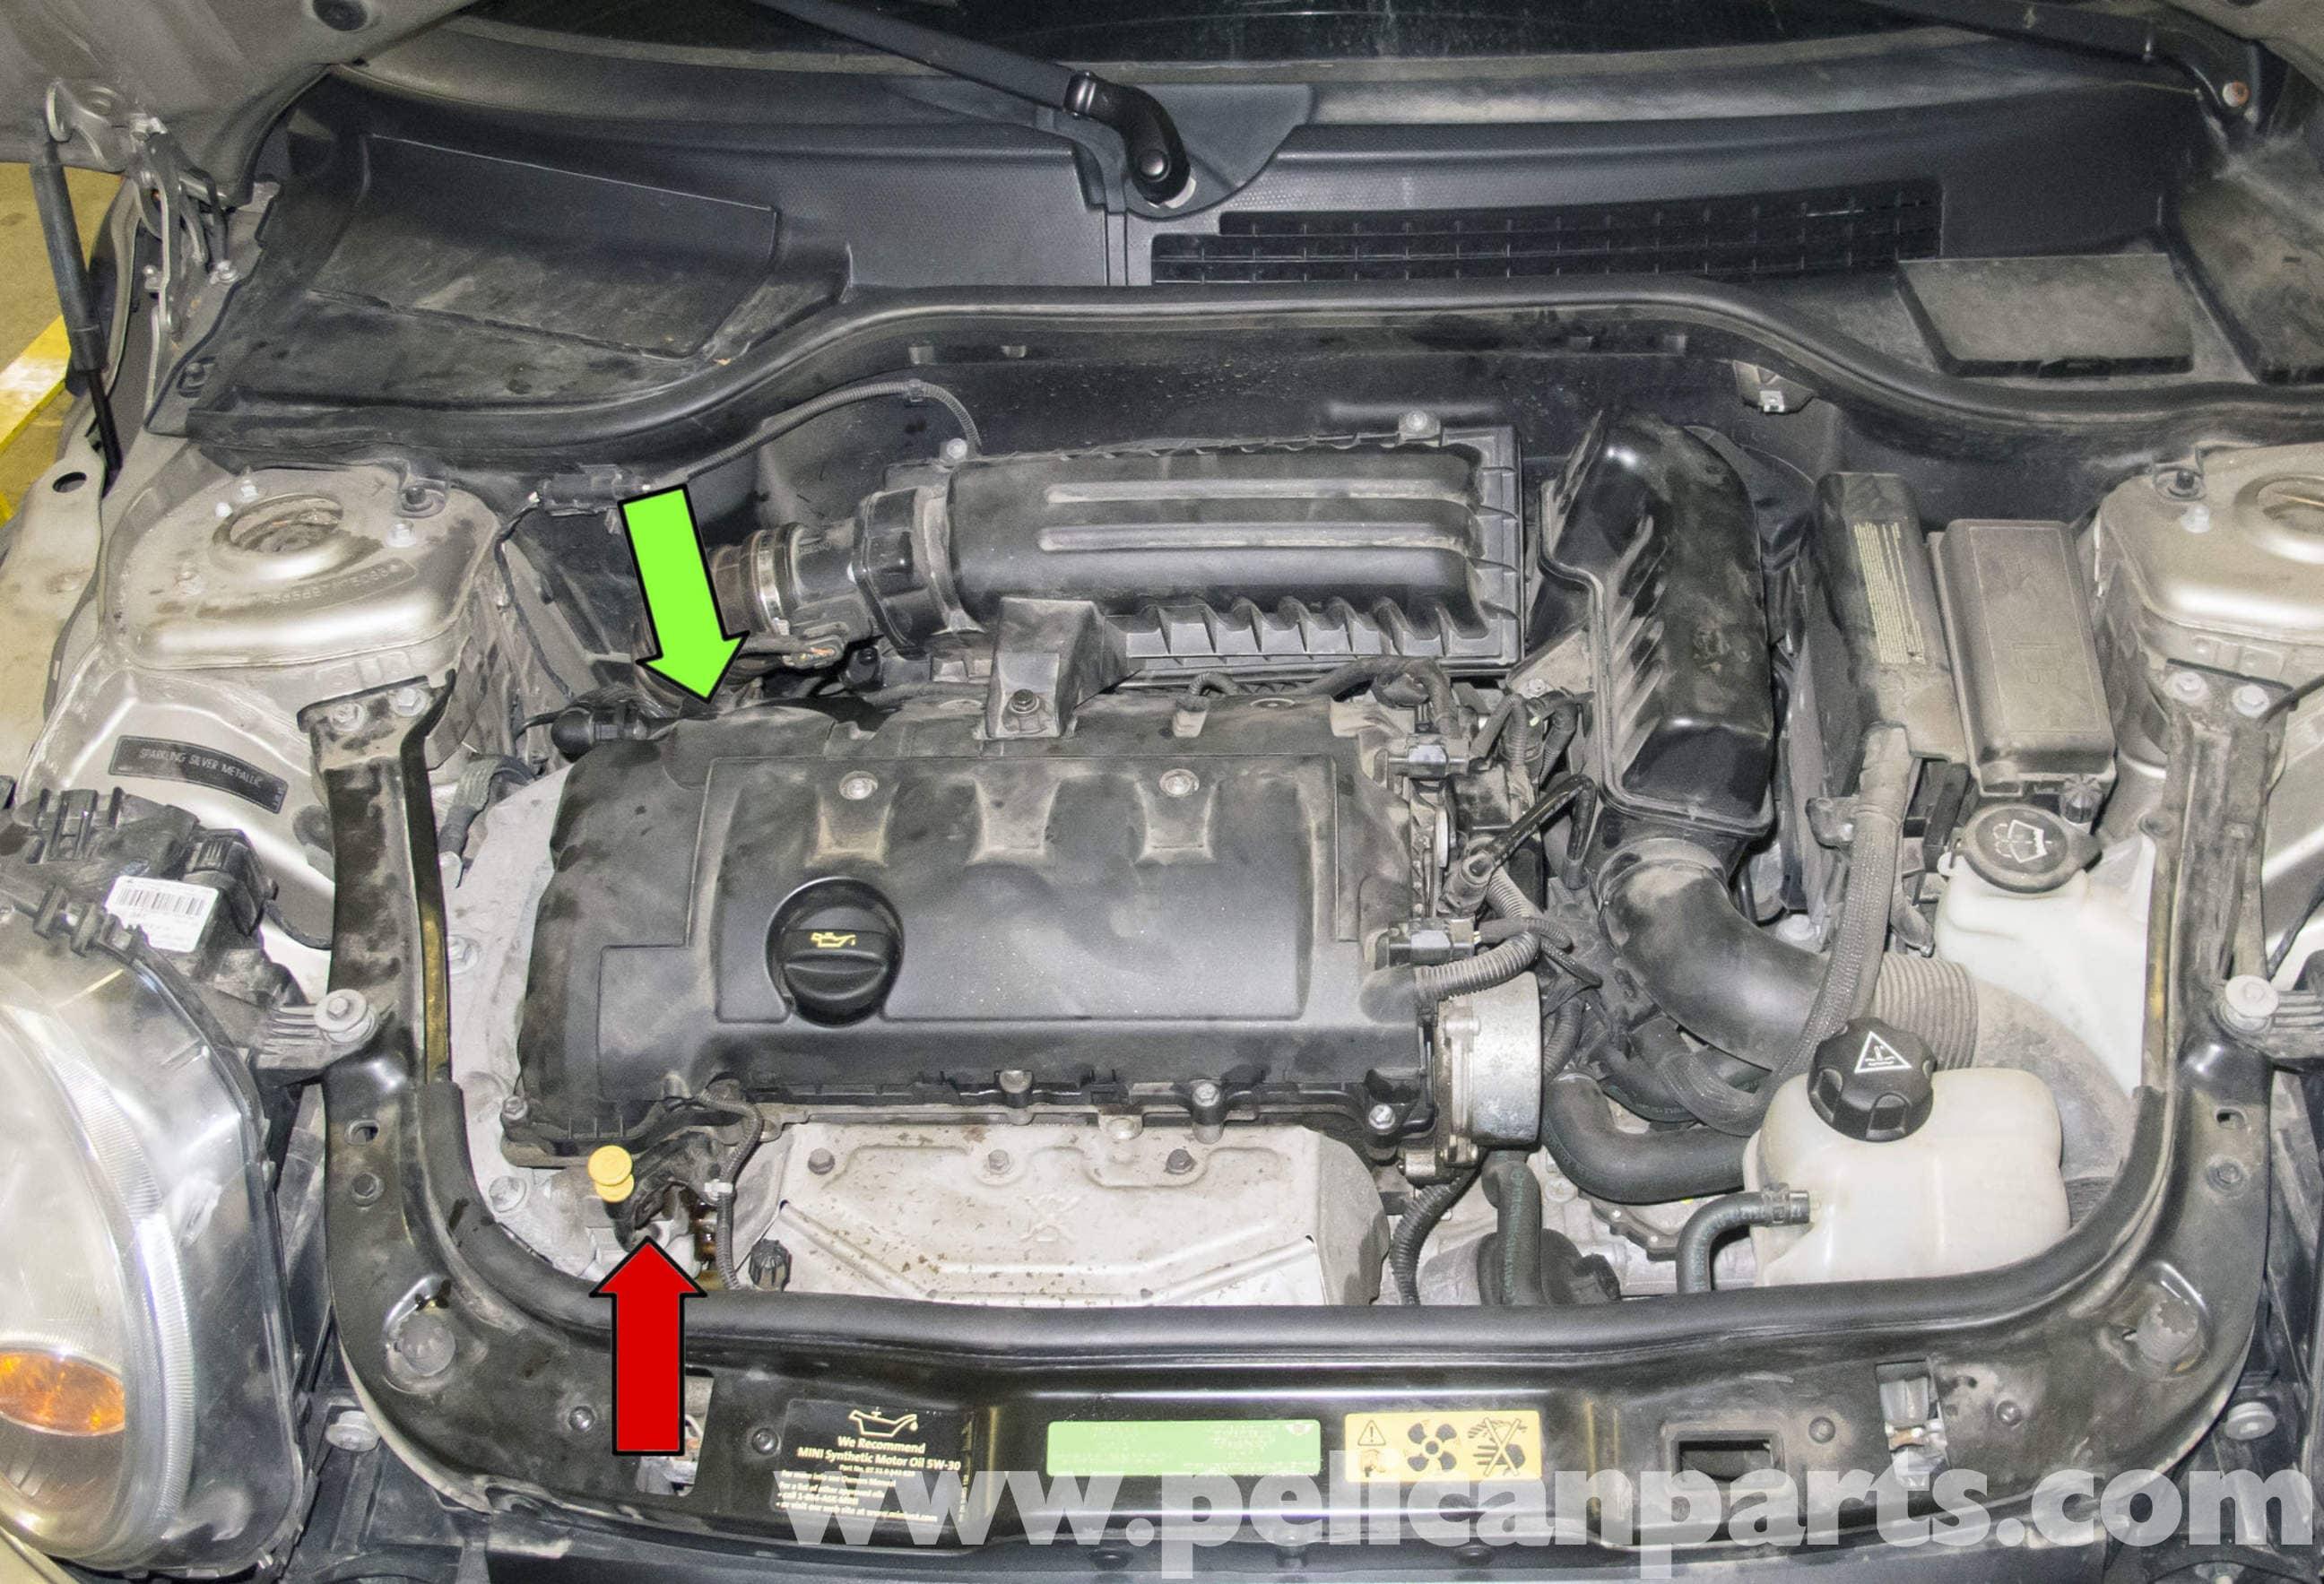 [DIAGRAM_1JK]  OS_8540] 2009 Mini Cooper S Engine Diagram Wiring Diagram | 2015 Mini Cooper Engine Diagram |  | Indi Sapebe Mohammedshrine Librar Wiring 101